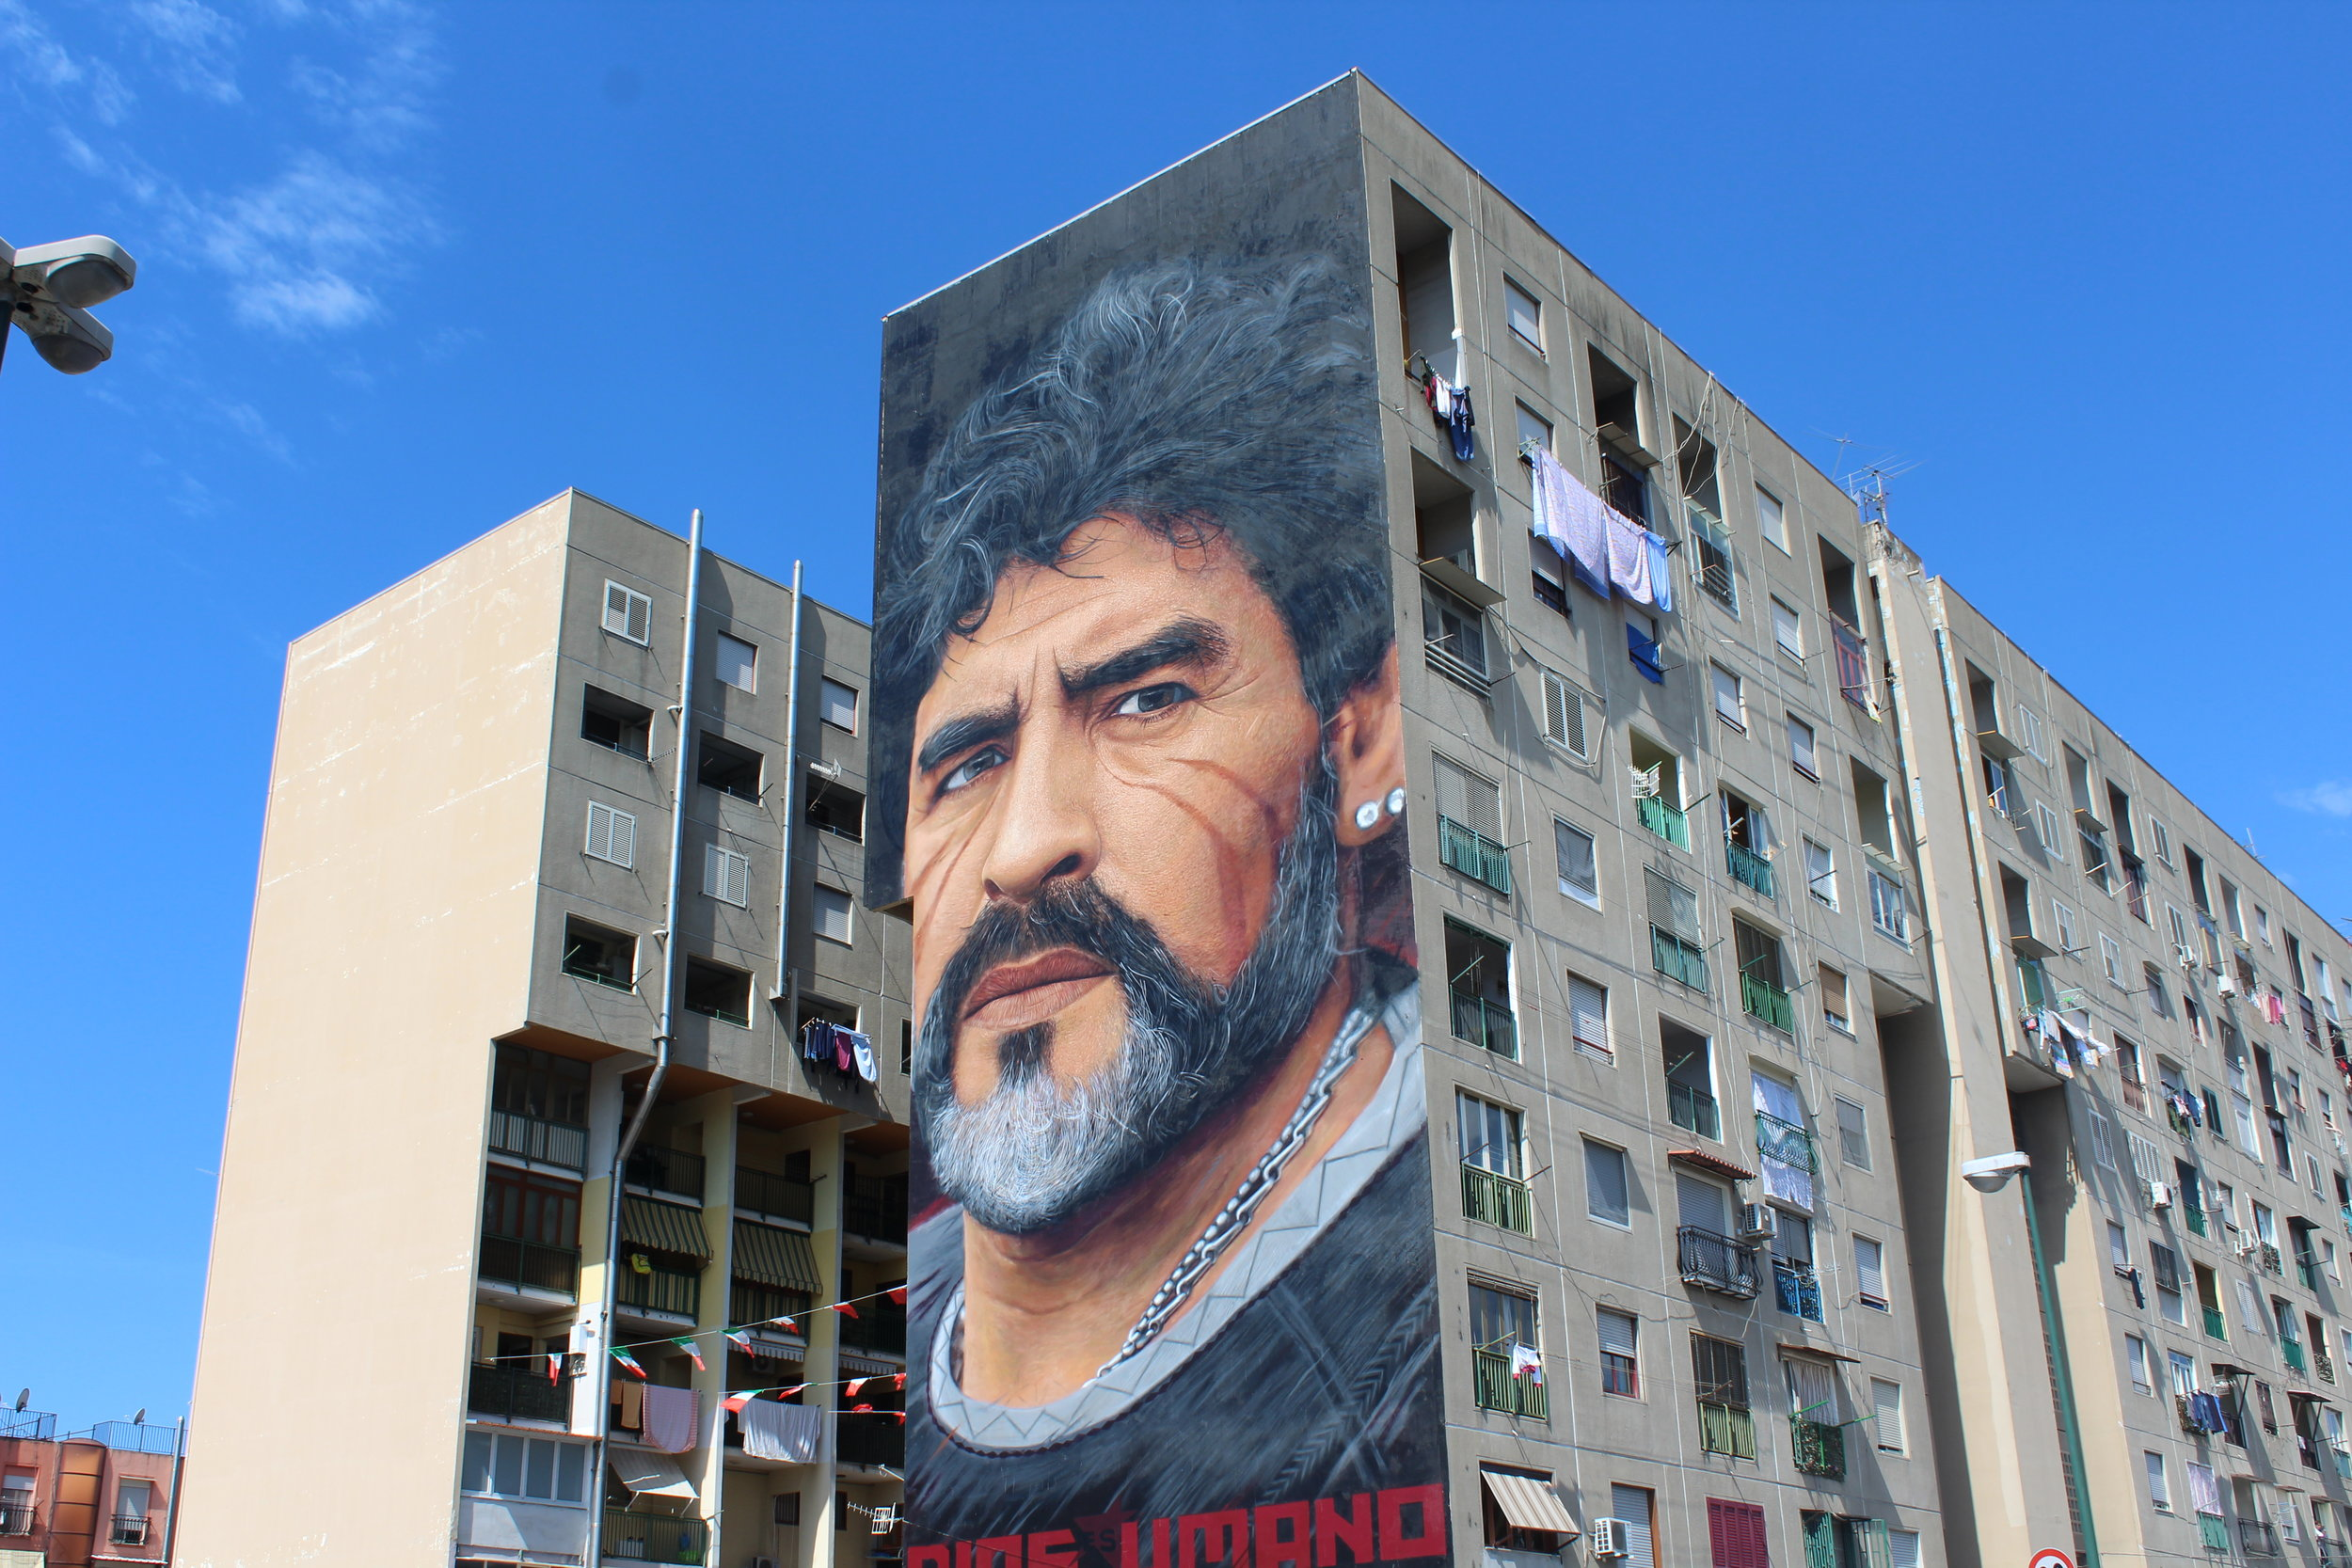 Jorit Agoch's Mural